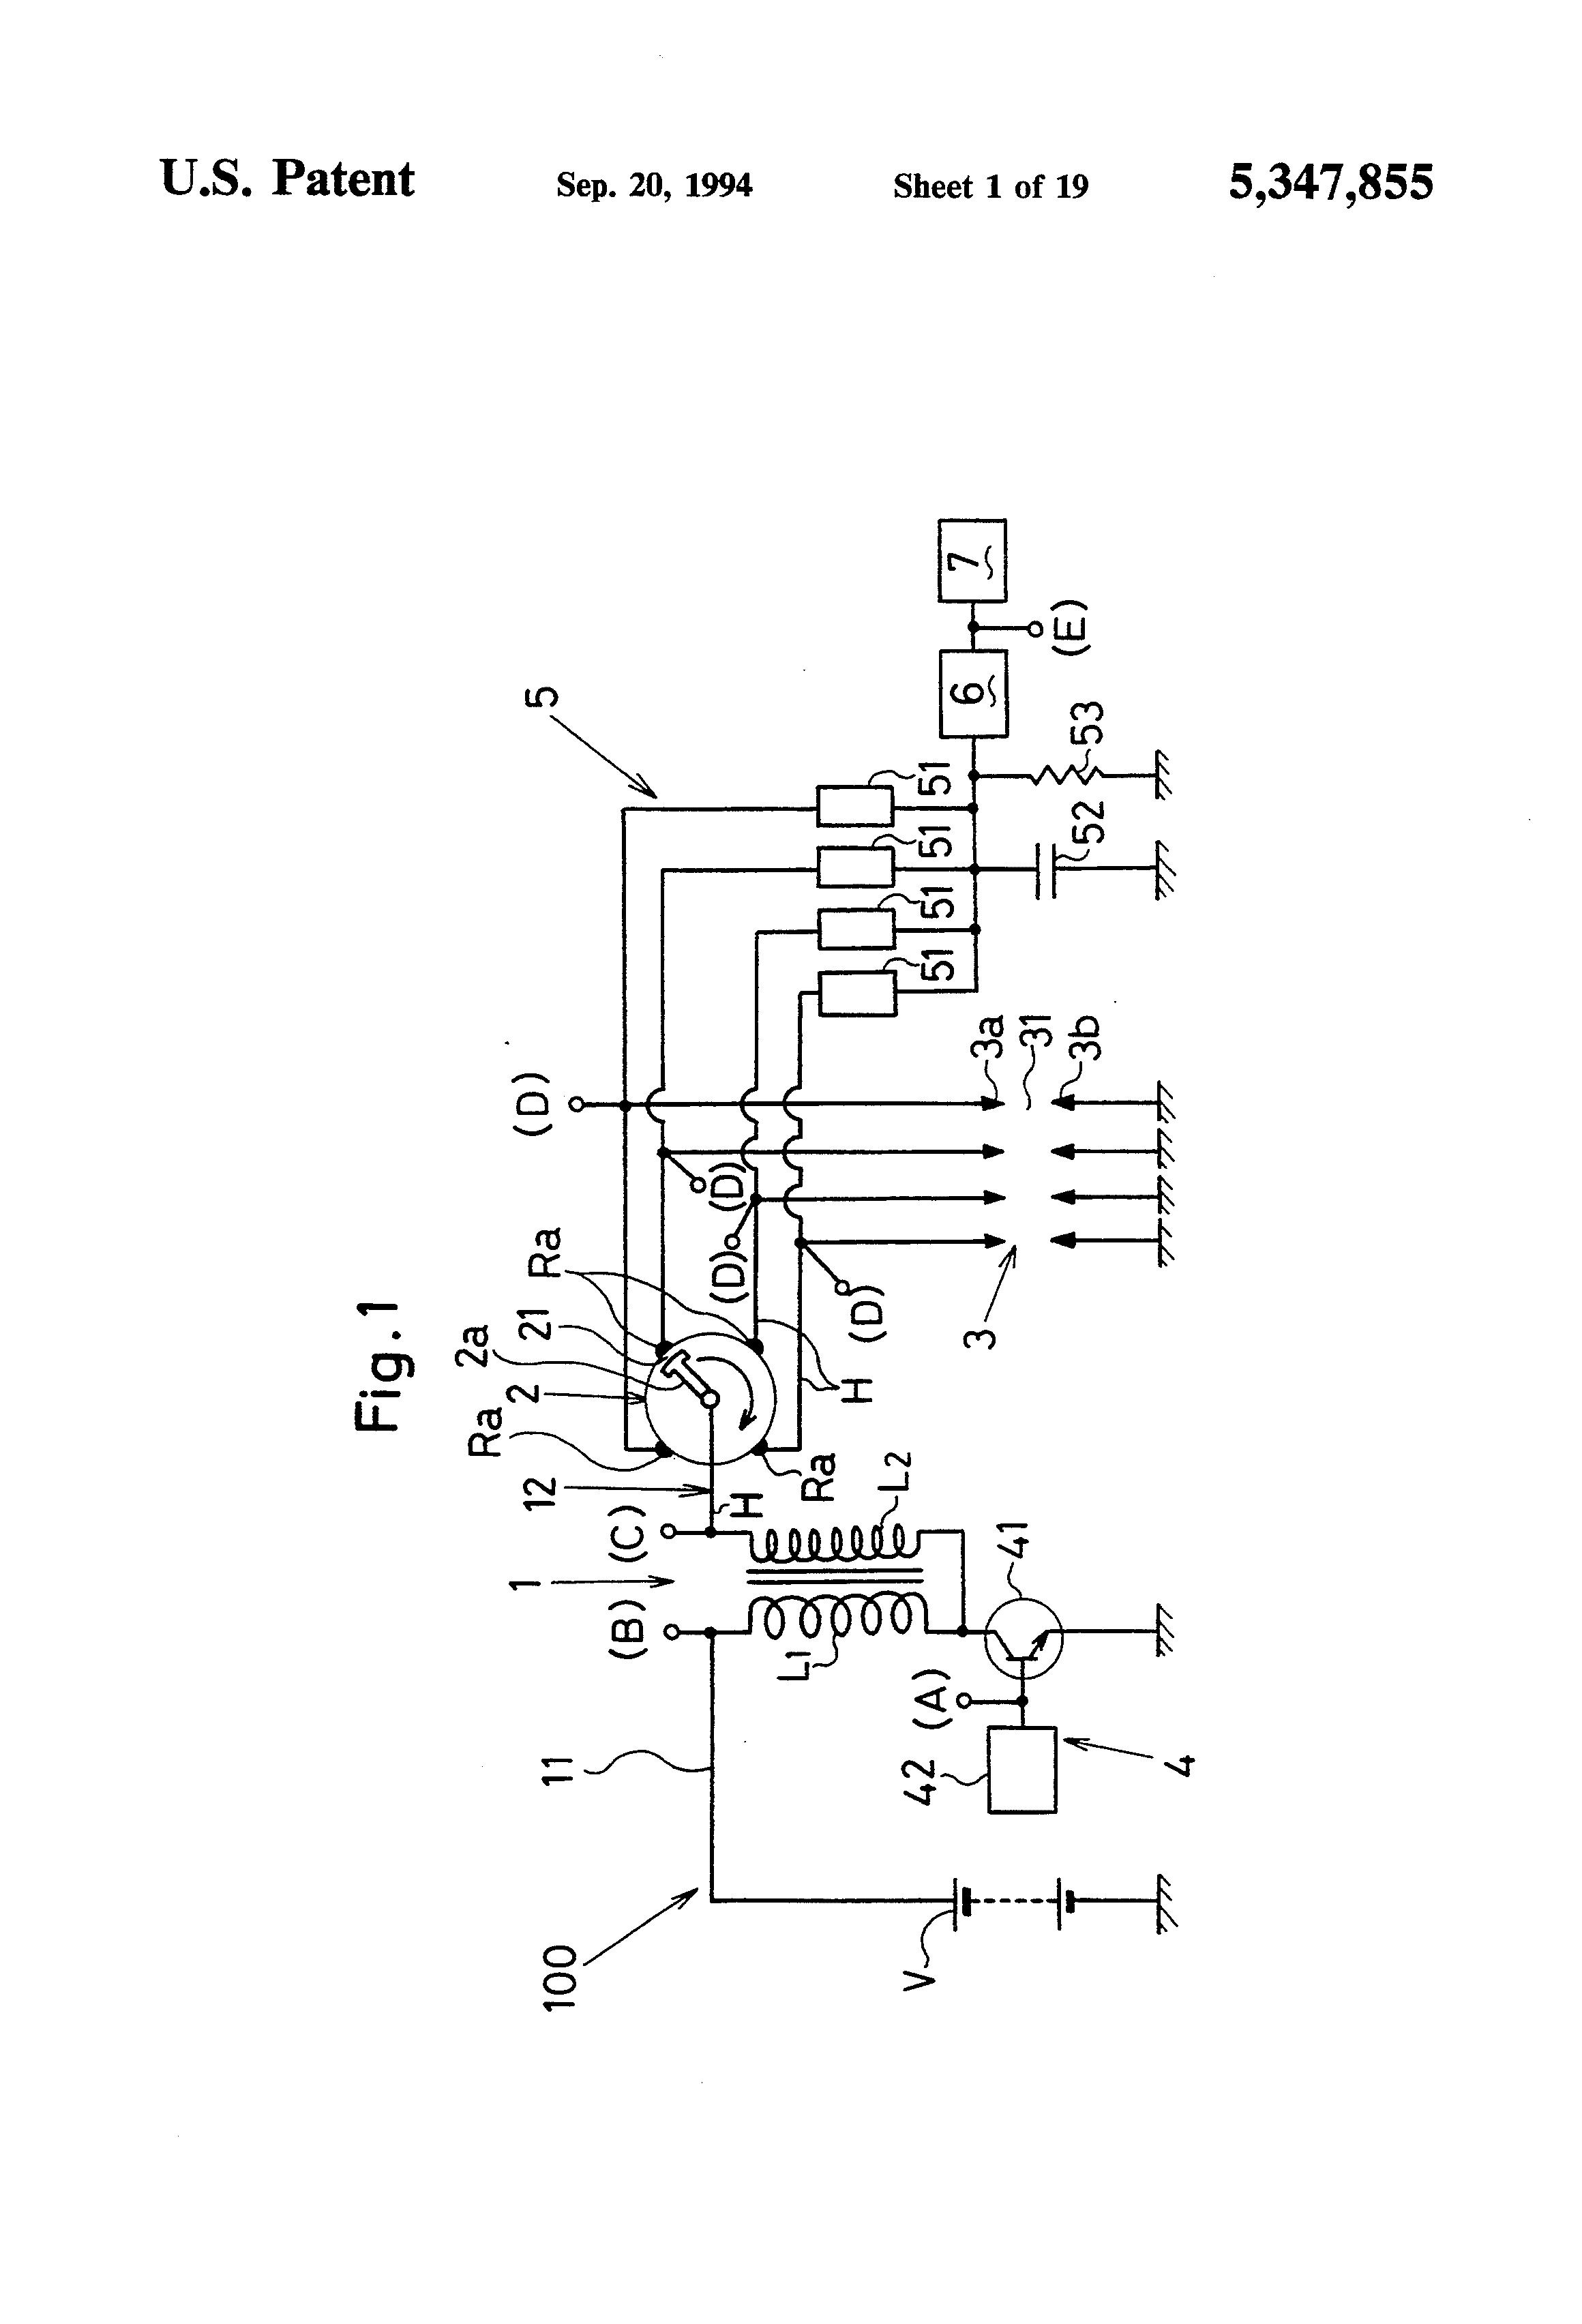 adt pulse wiring diagram 7 spikeballclubkoeln de \u2022adt pulse wiring  diagram best wiring library rh